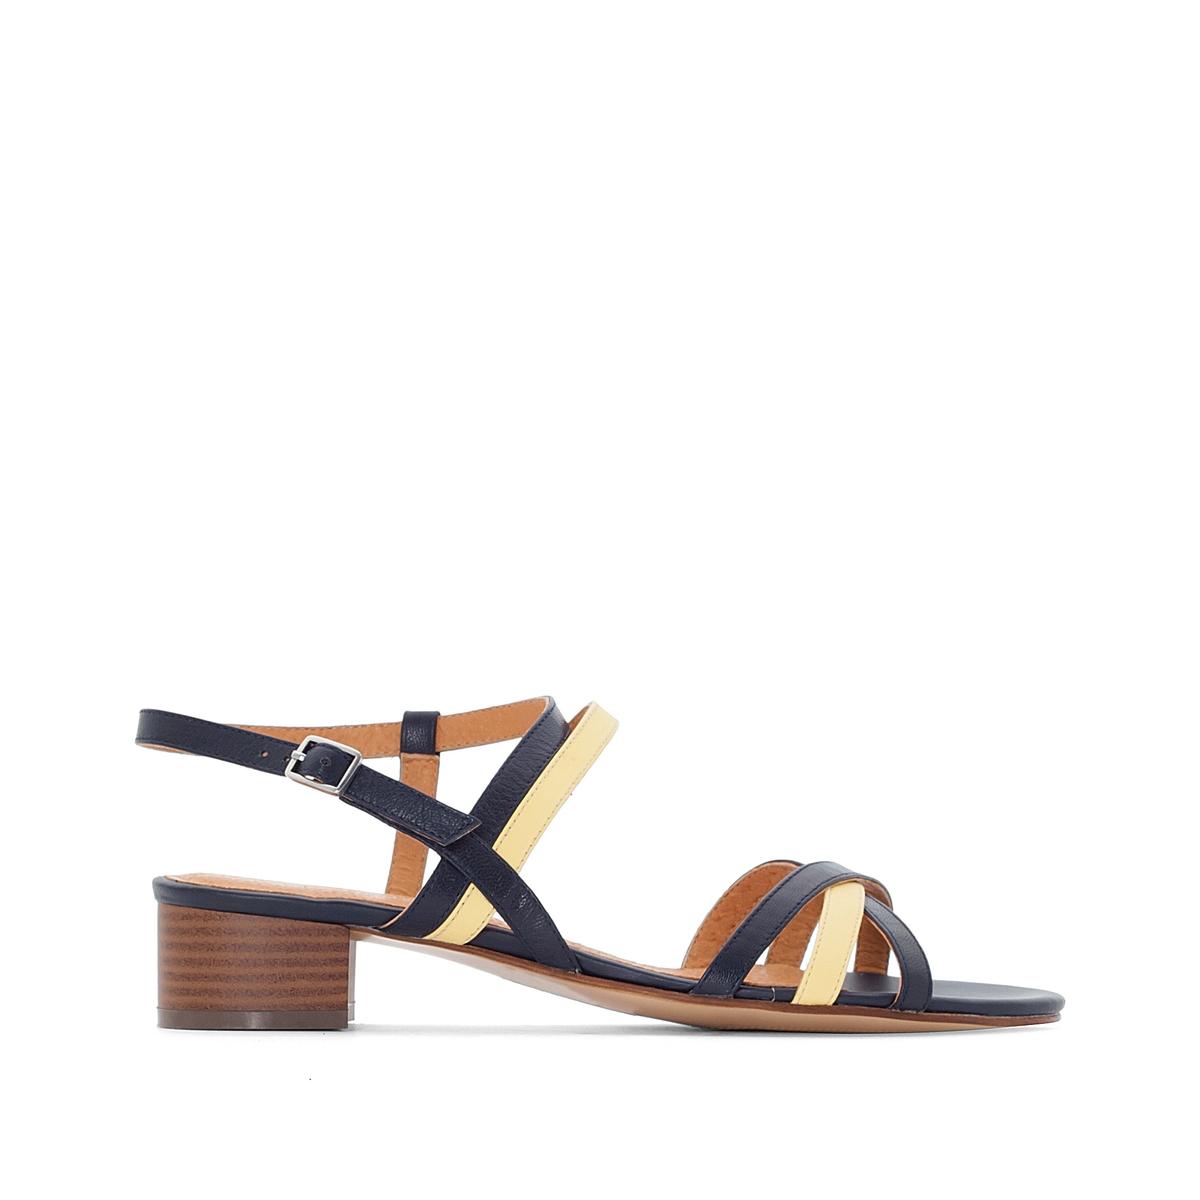 Босоножки кожаные двухцветные на среднем каблуке босоножки beira rio босоножки на каблуке